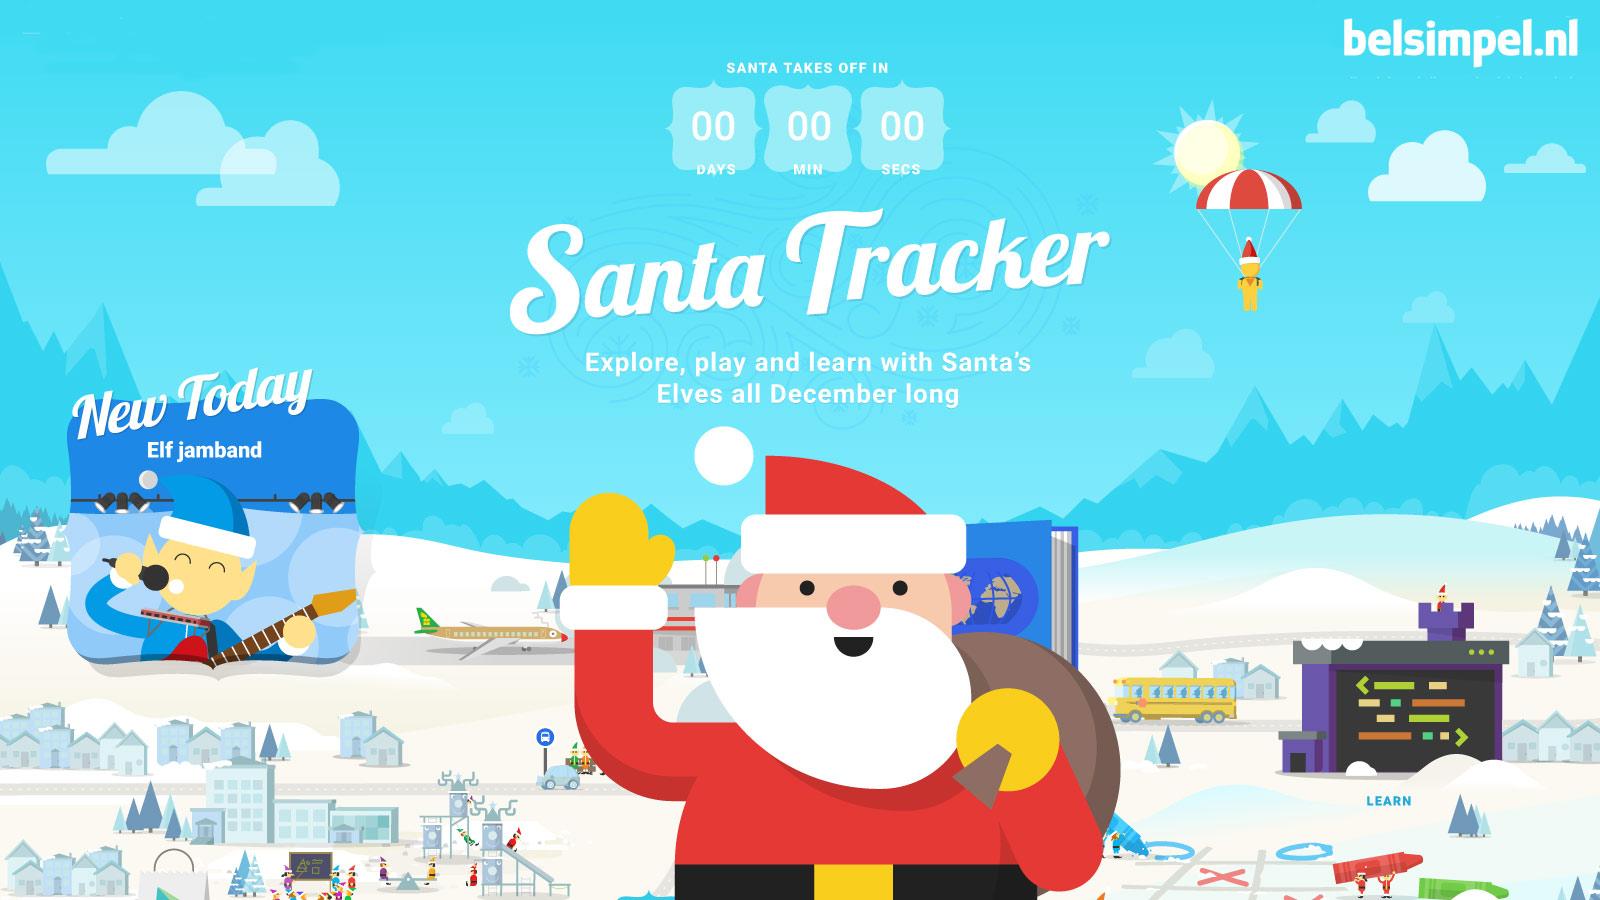 Volg de Kerstman  met de Santa Tracker van Google!